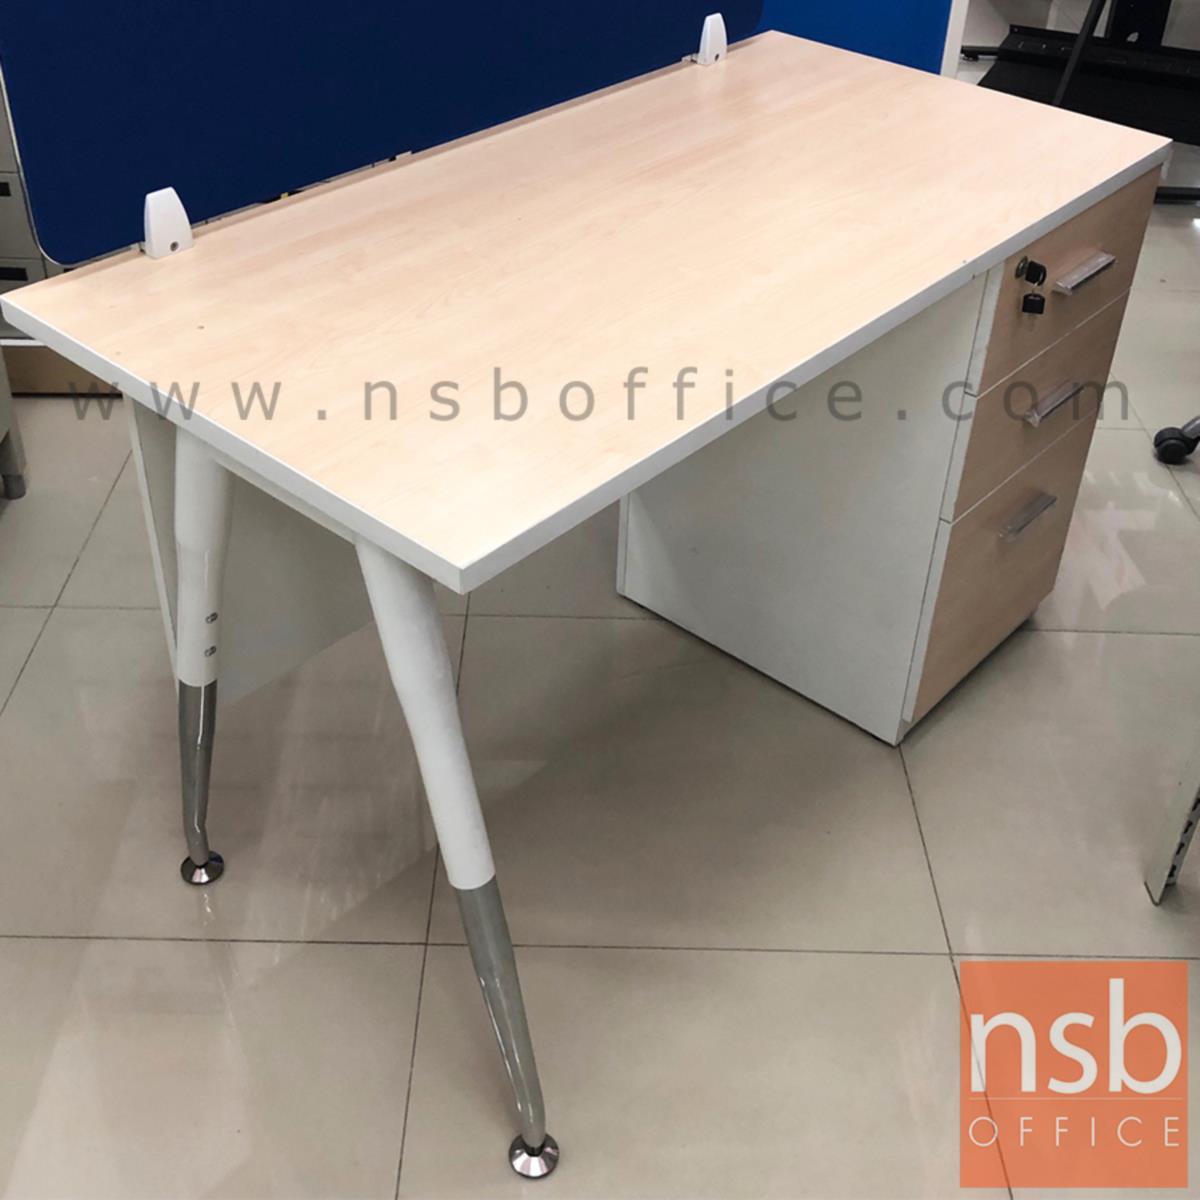 โต๊ะทำงาน 3 ลิ้นชักข้าง รุ่น MODERN-3 ขนาด 120W ,130W ,150W ,180 cm. ขาเหล็กวีคว่ำ